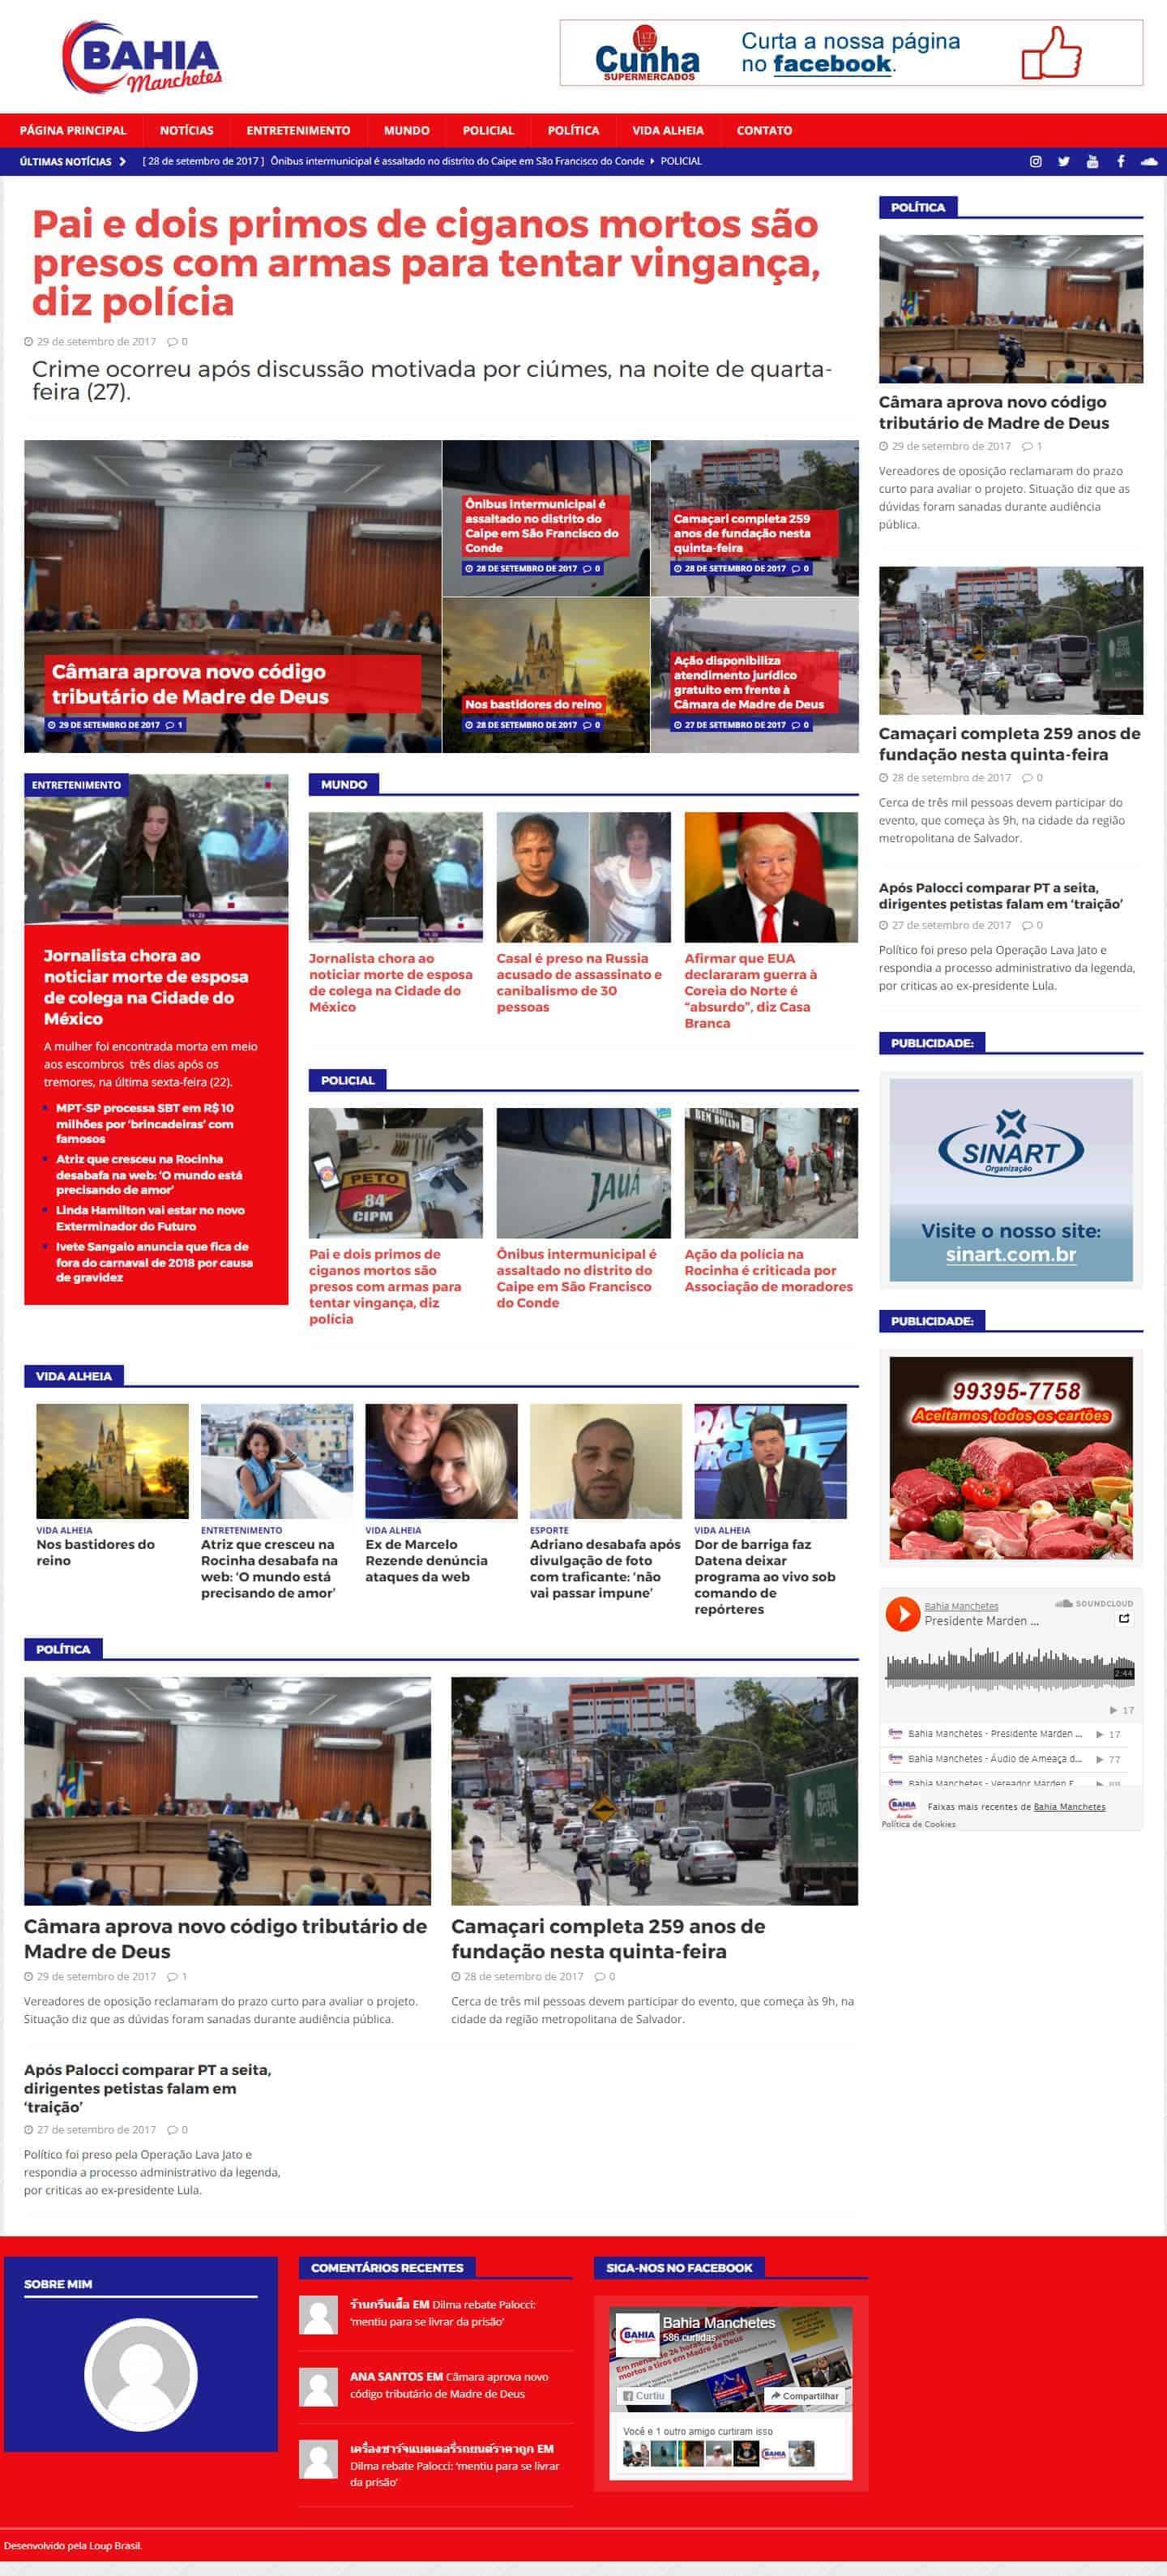 Página principal do portal de notícias Bahia Manchetes.